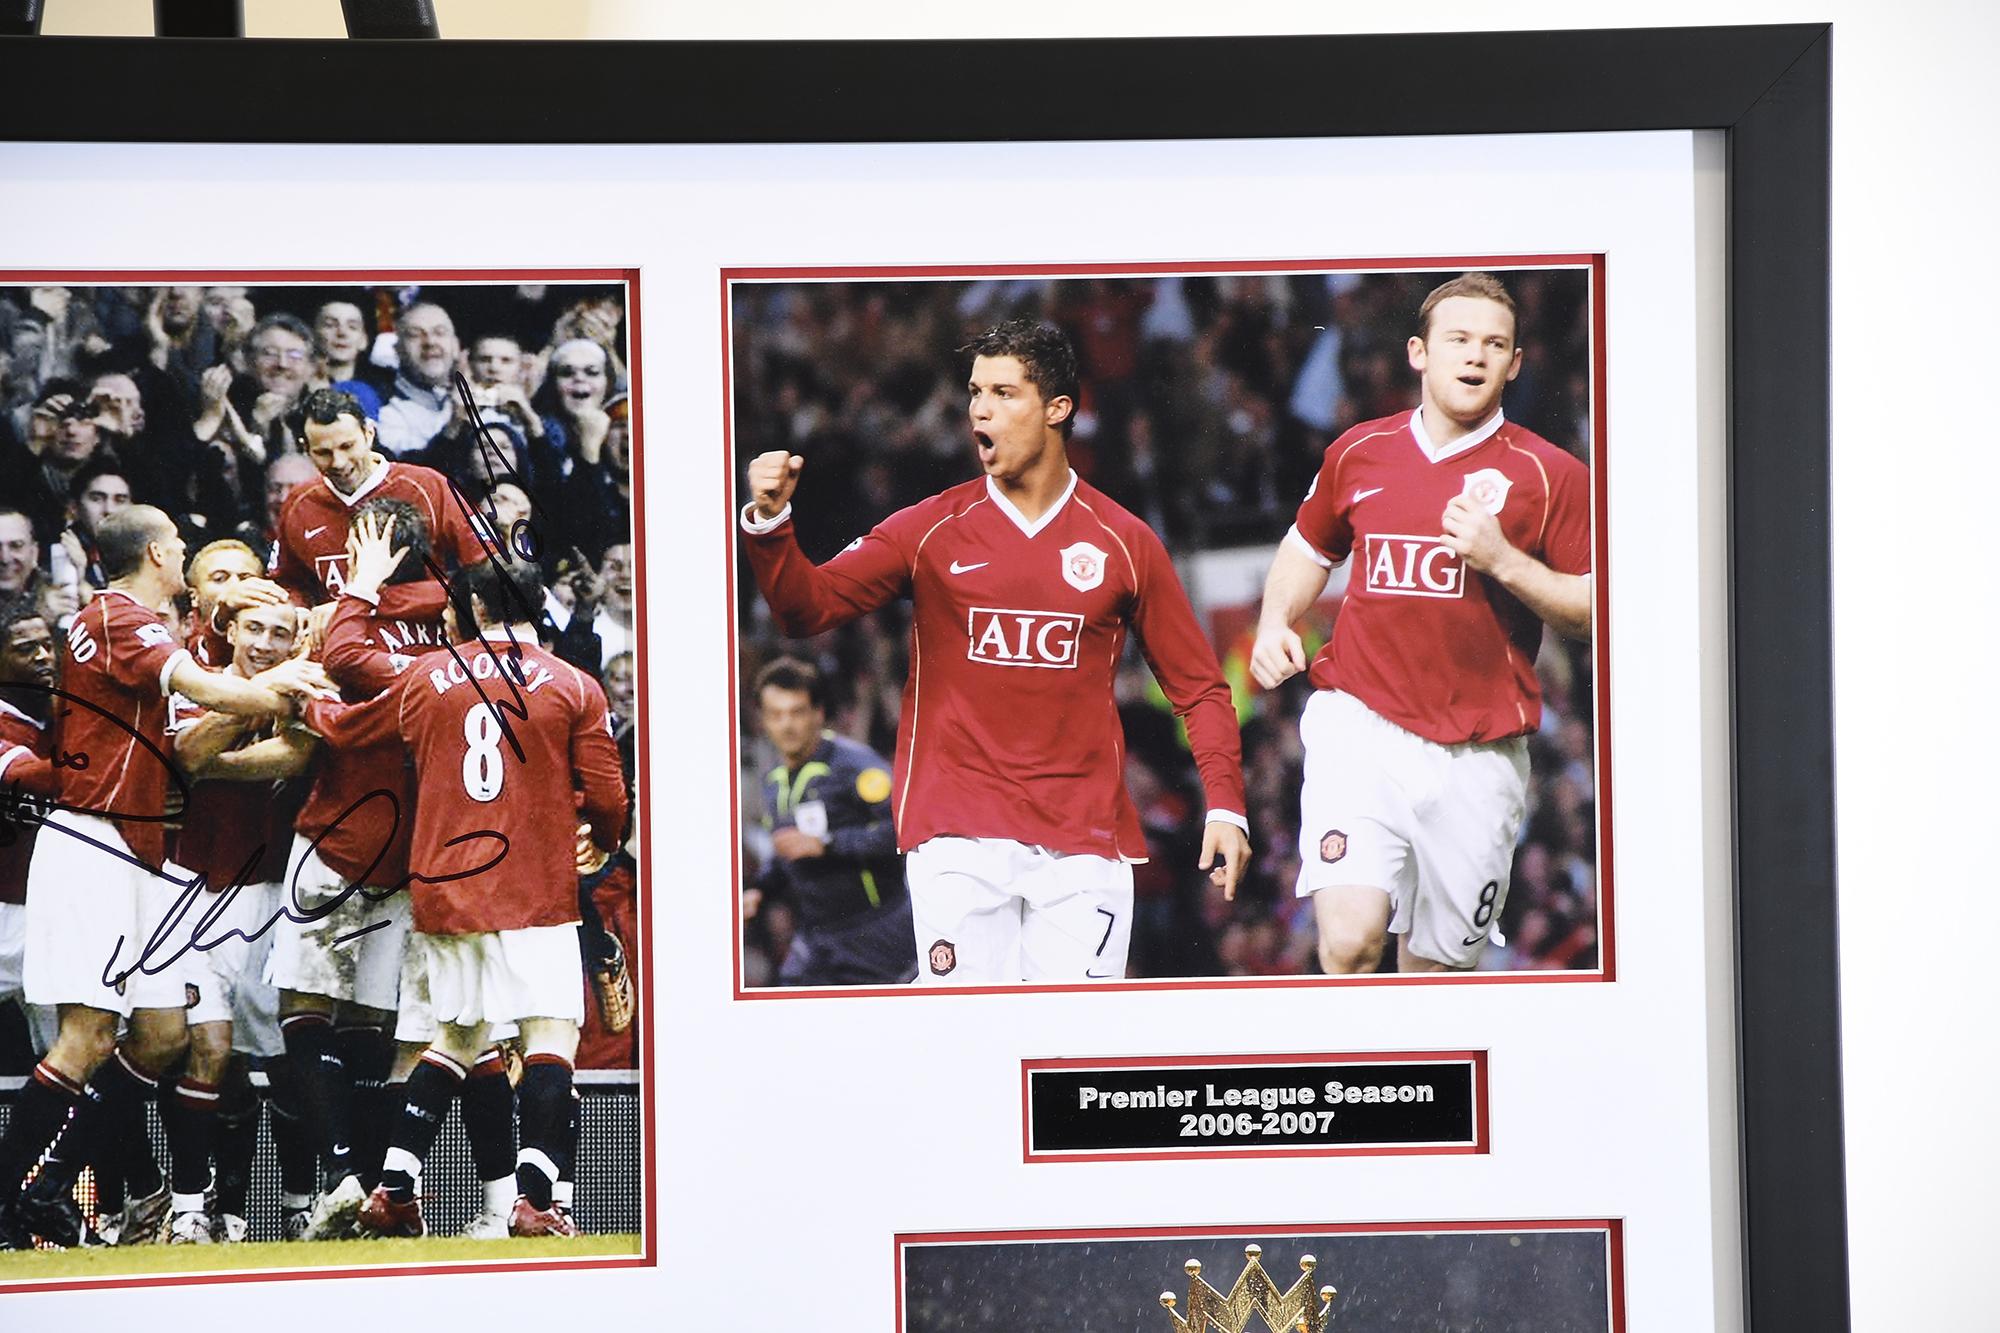 Man Utd Triple Signed Photo Presentation - Image 4 of 5